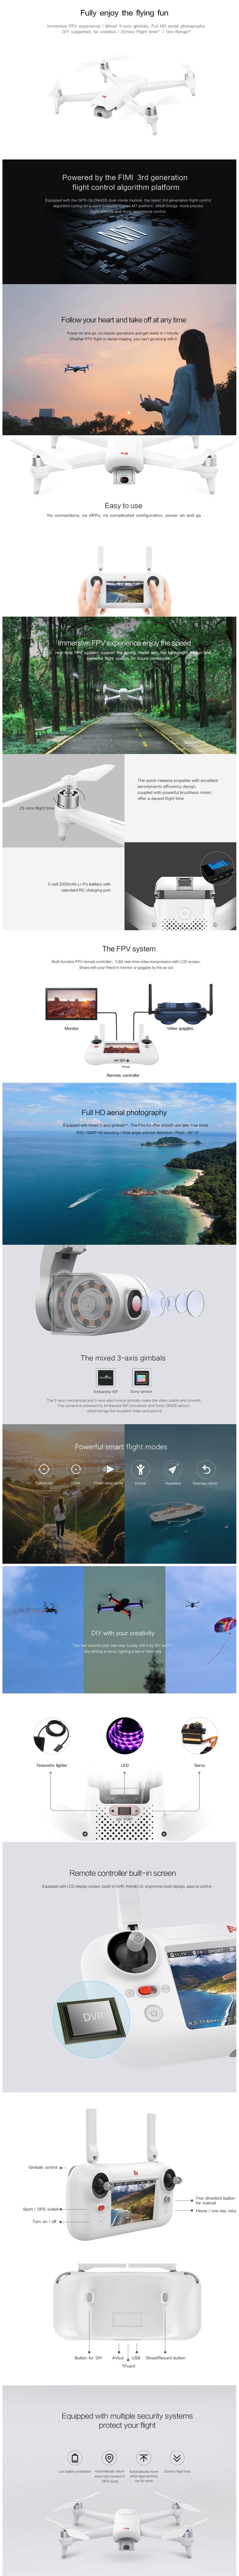 prezentare-drona-fimi-a3b435b0fa79ab7e4b.png